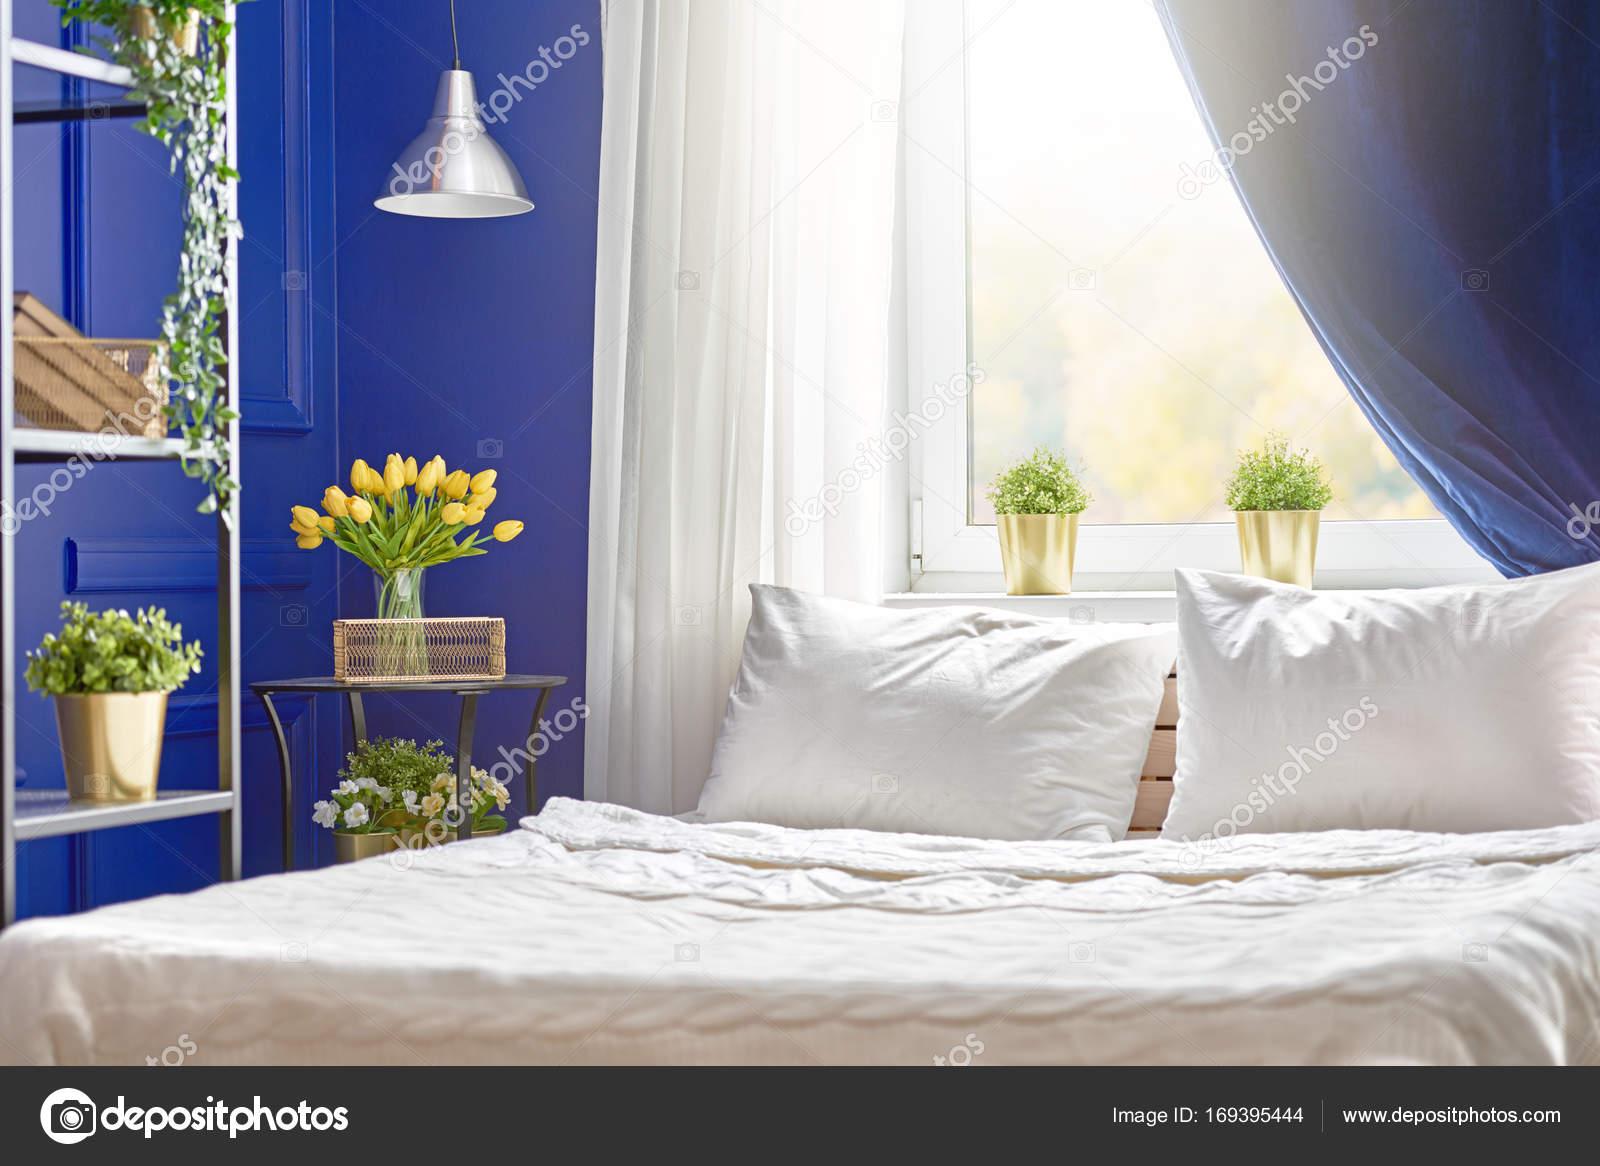 Kleuren Op Slaapkamer : Slaapkamer in marine kleuren u stockfoto choreograph